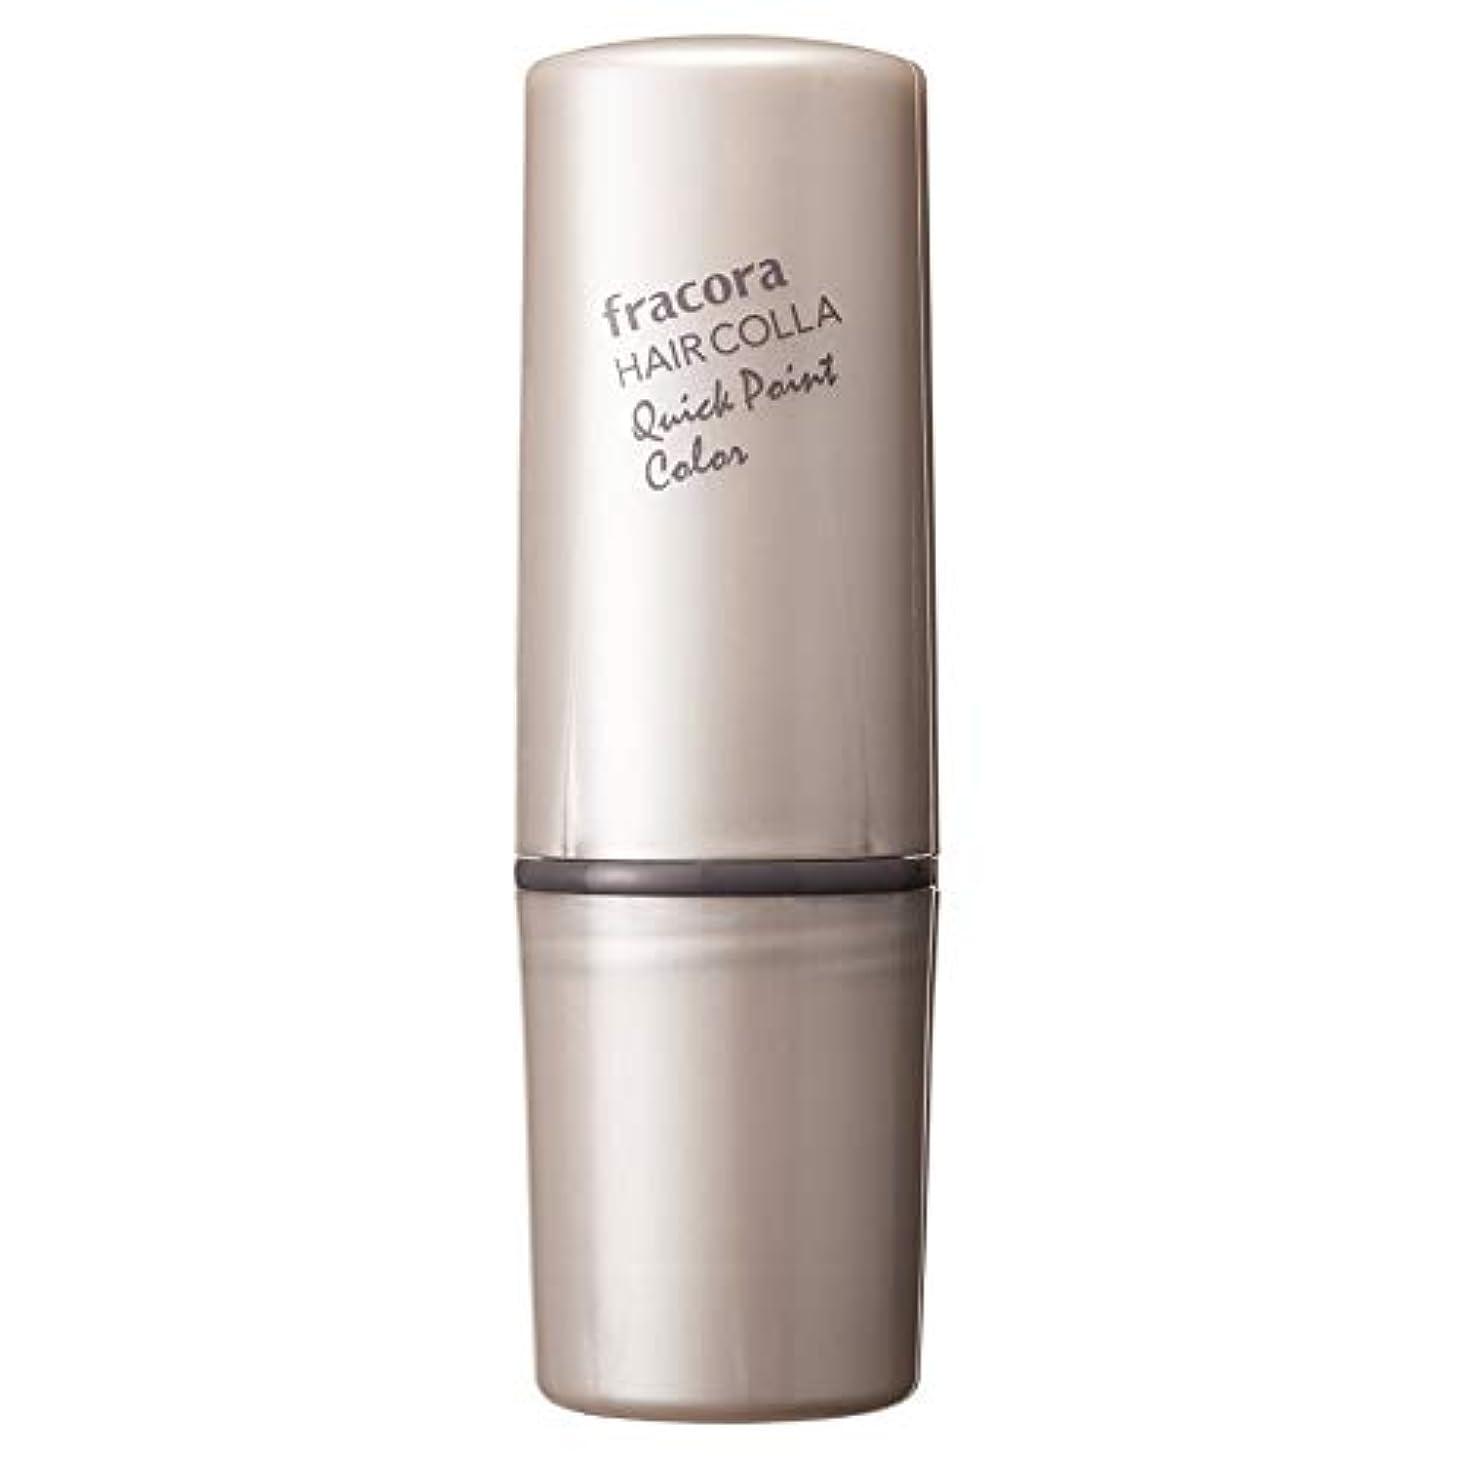 即席乳白是正するフラコラ fracora 協和 HAIR COLLA クイックポイントカラー [ナチュラルブラック] 10ml